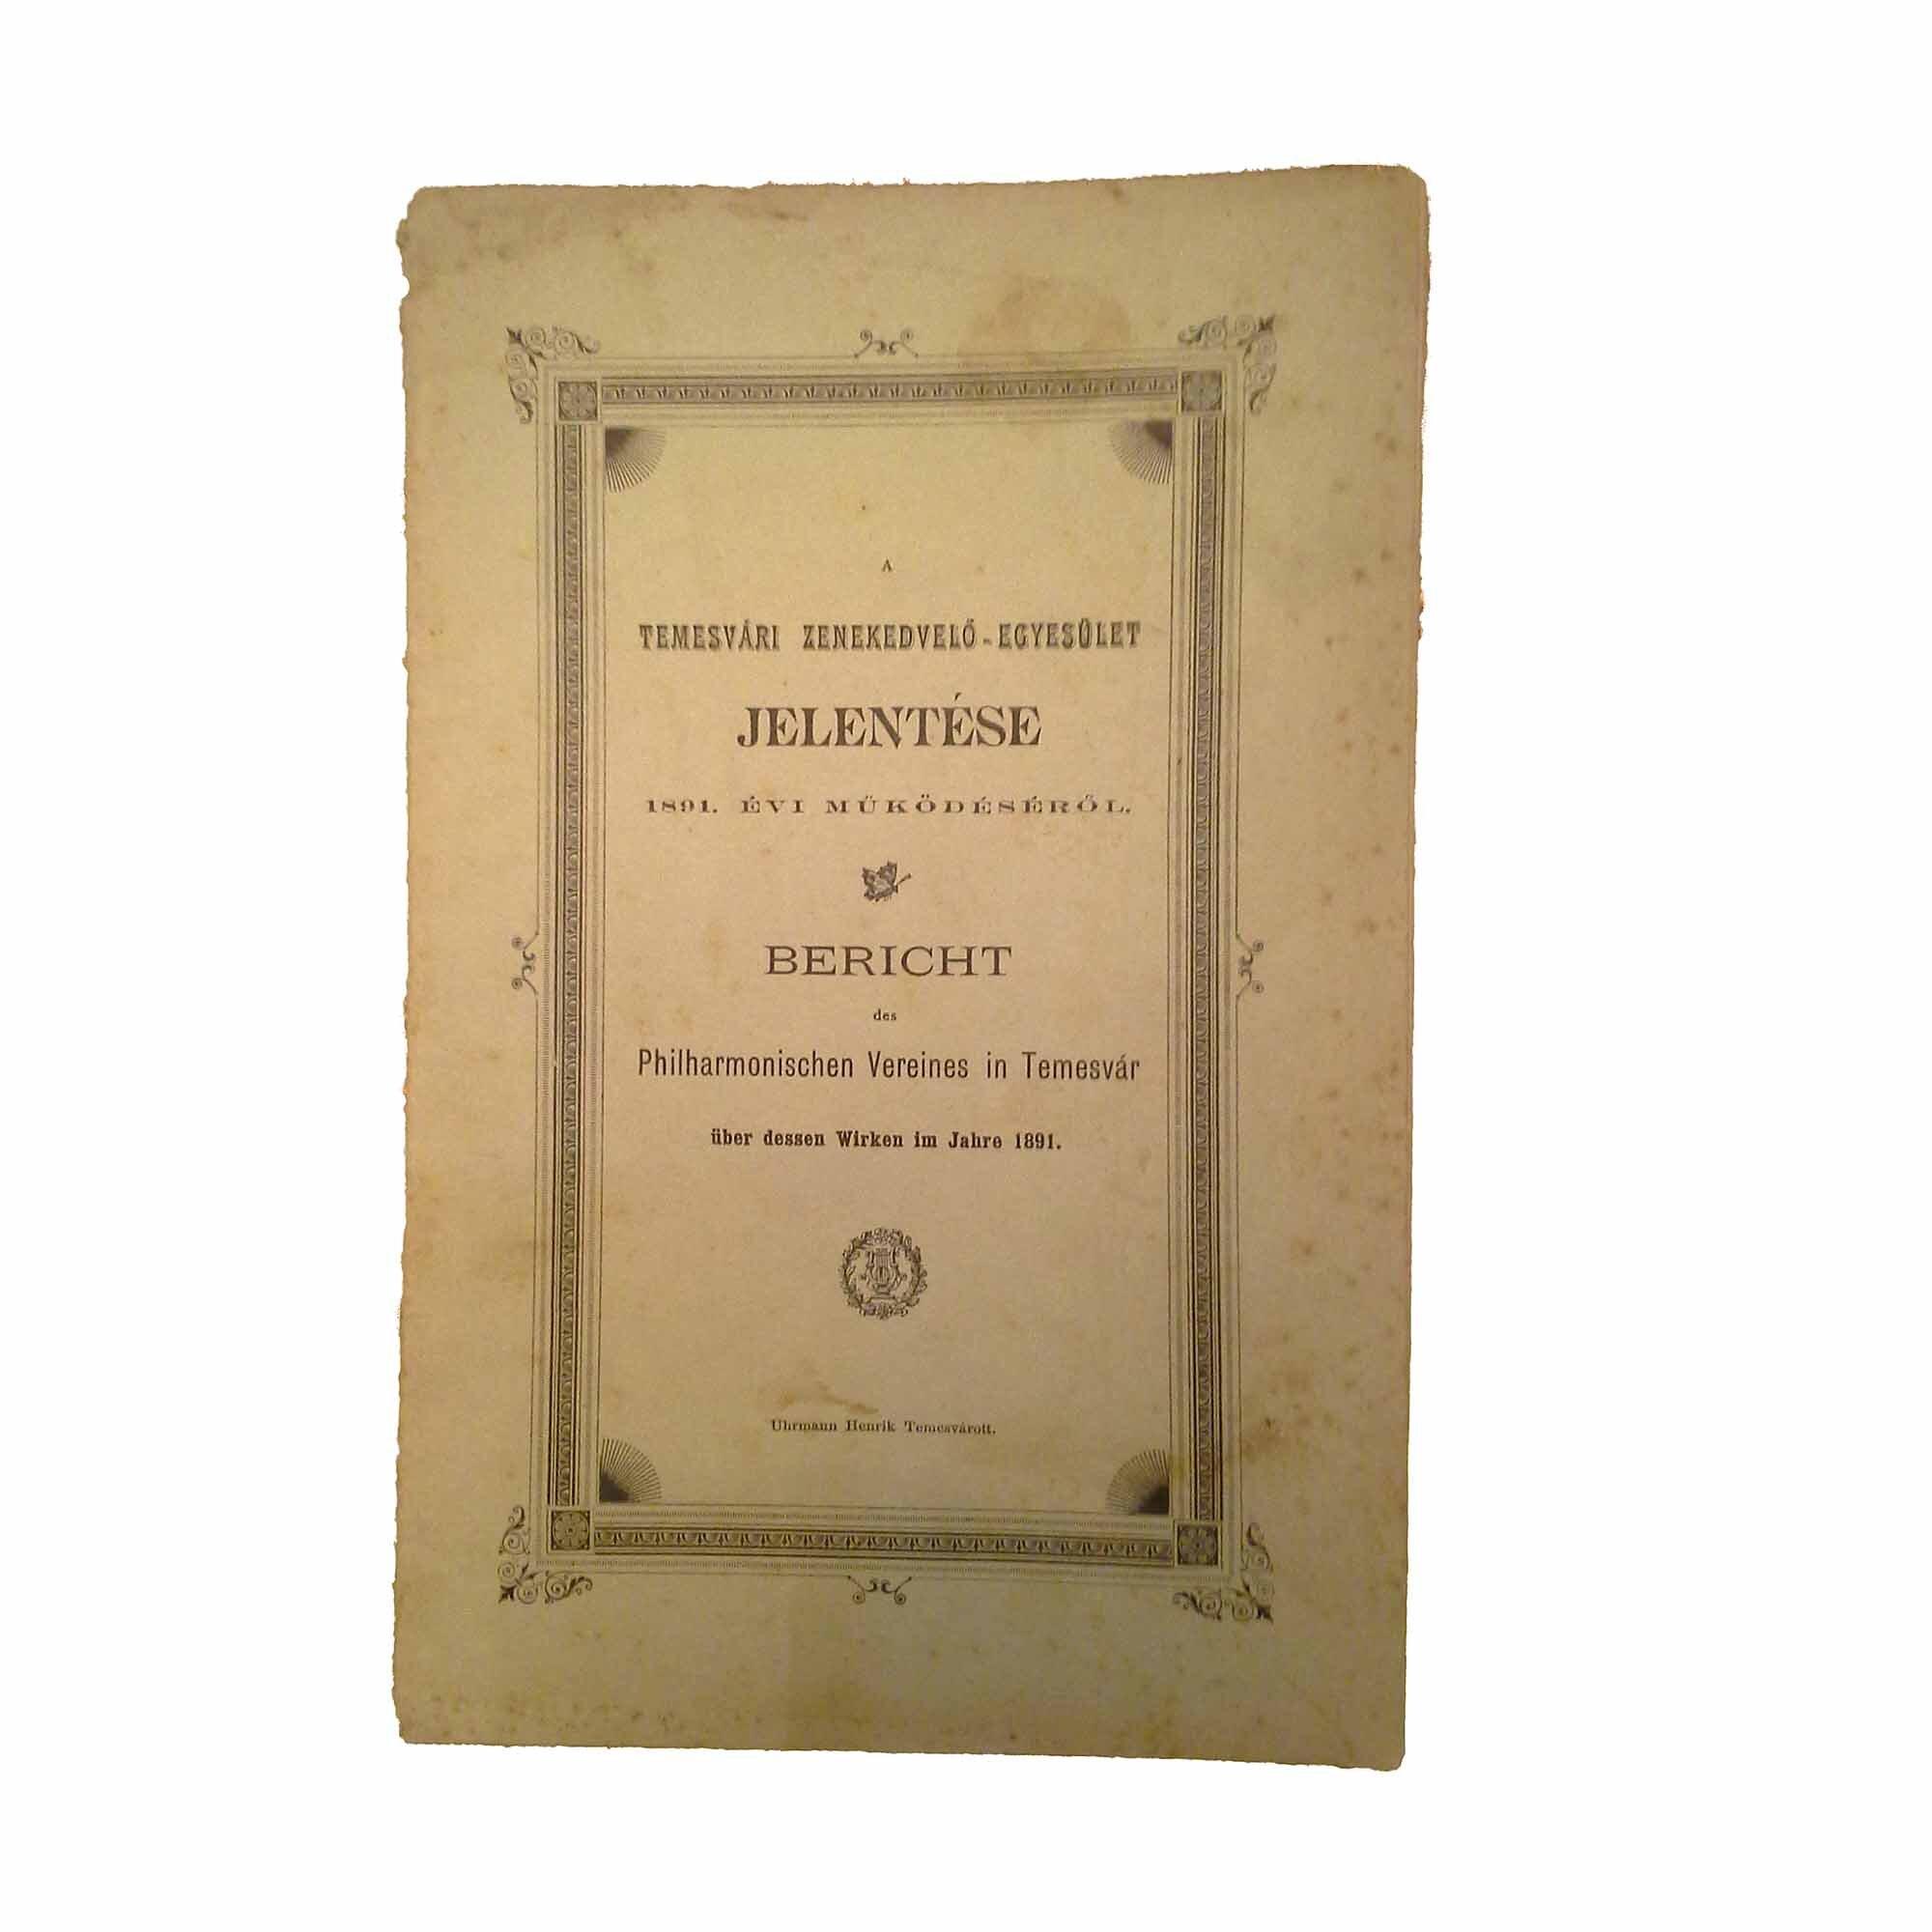 A Angebote – 5332 Phil Verein Temesvar 1891 N